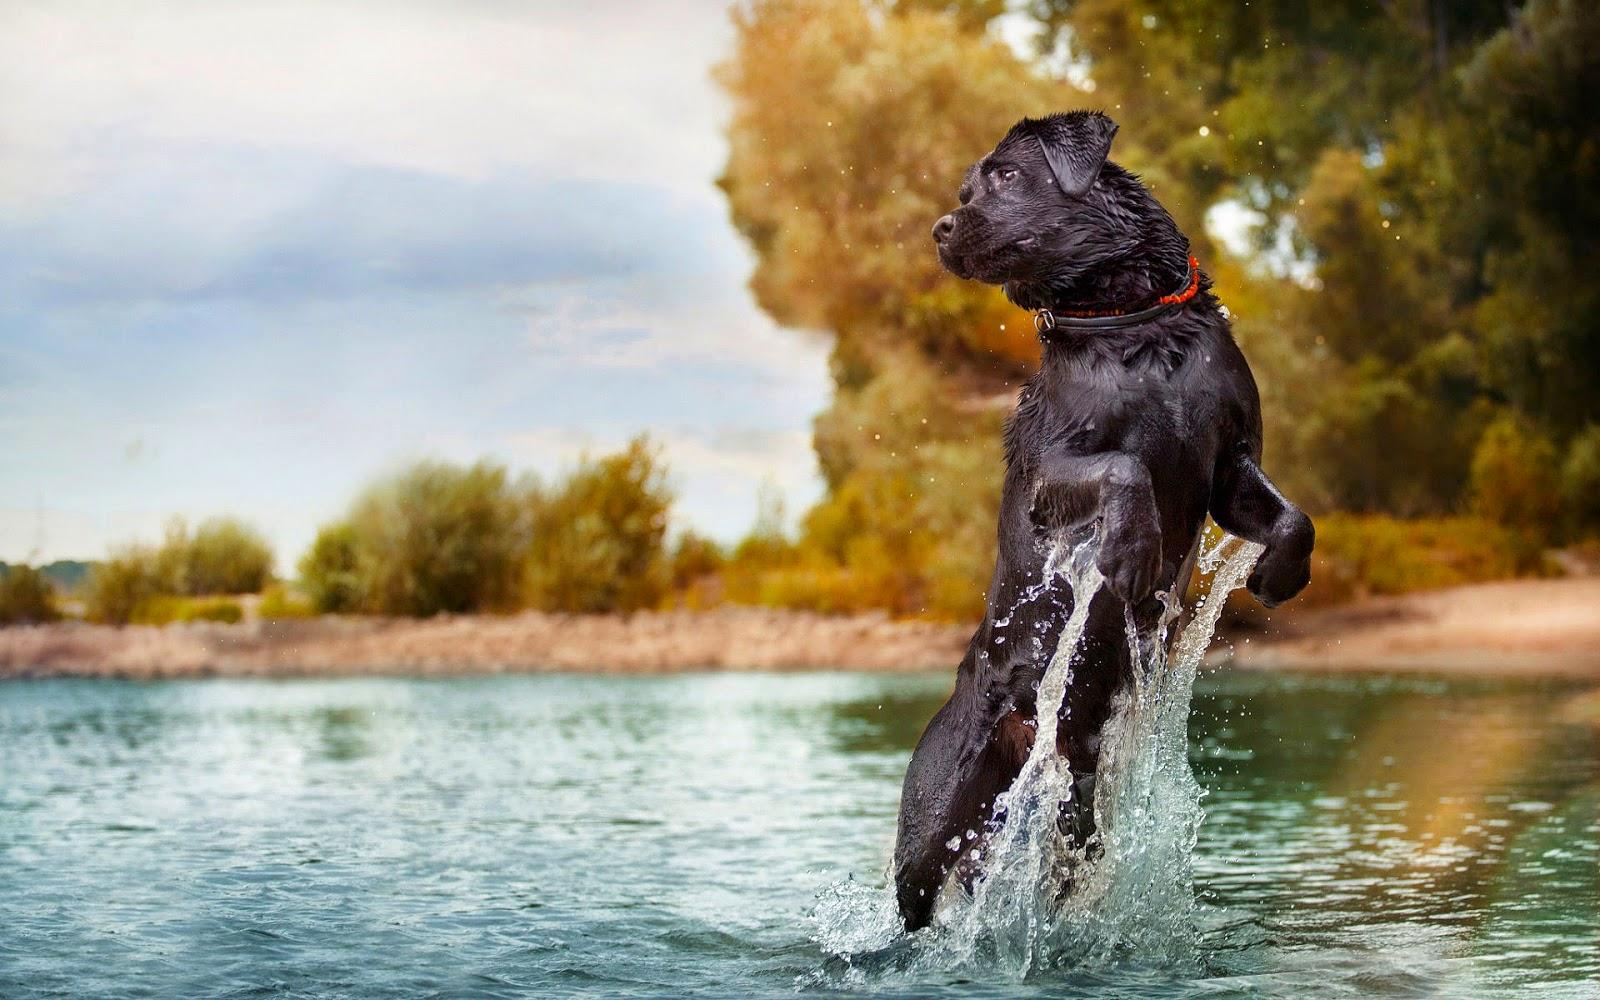 Hond springt op uit water